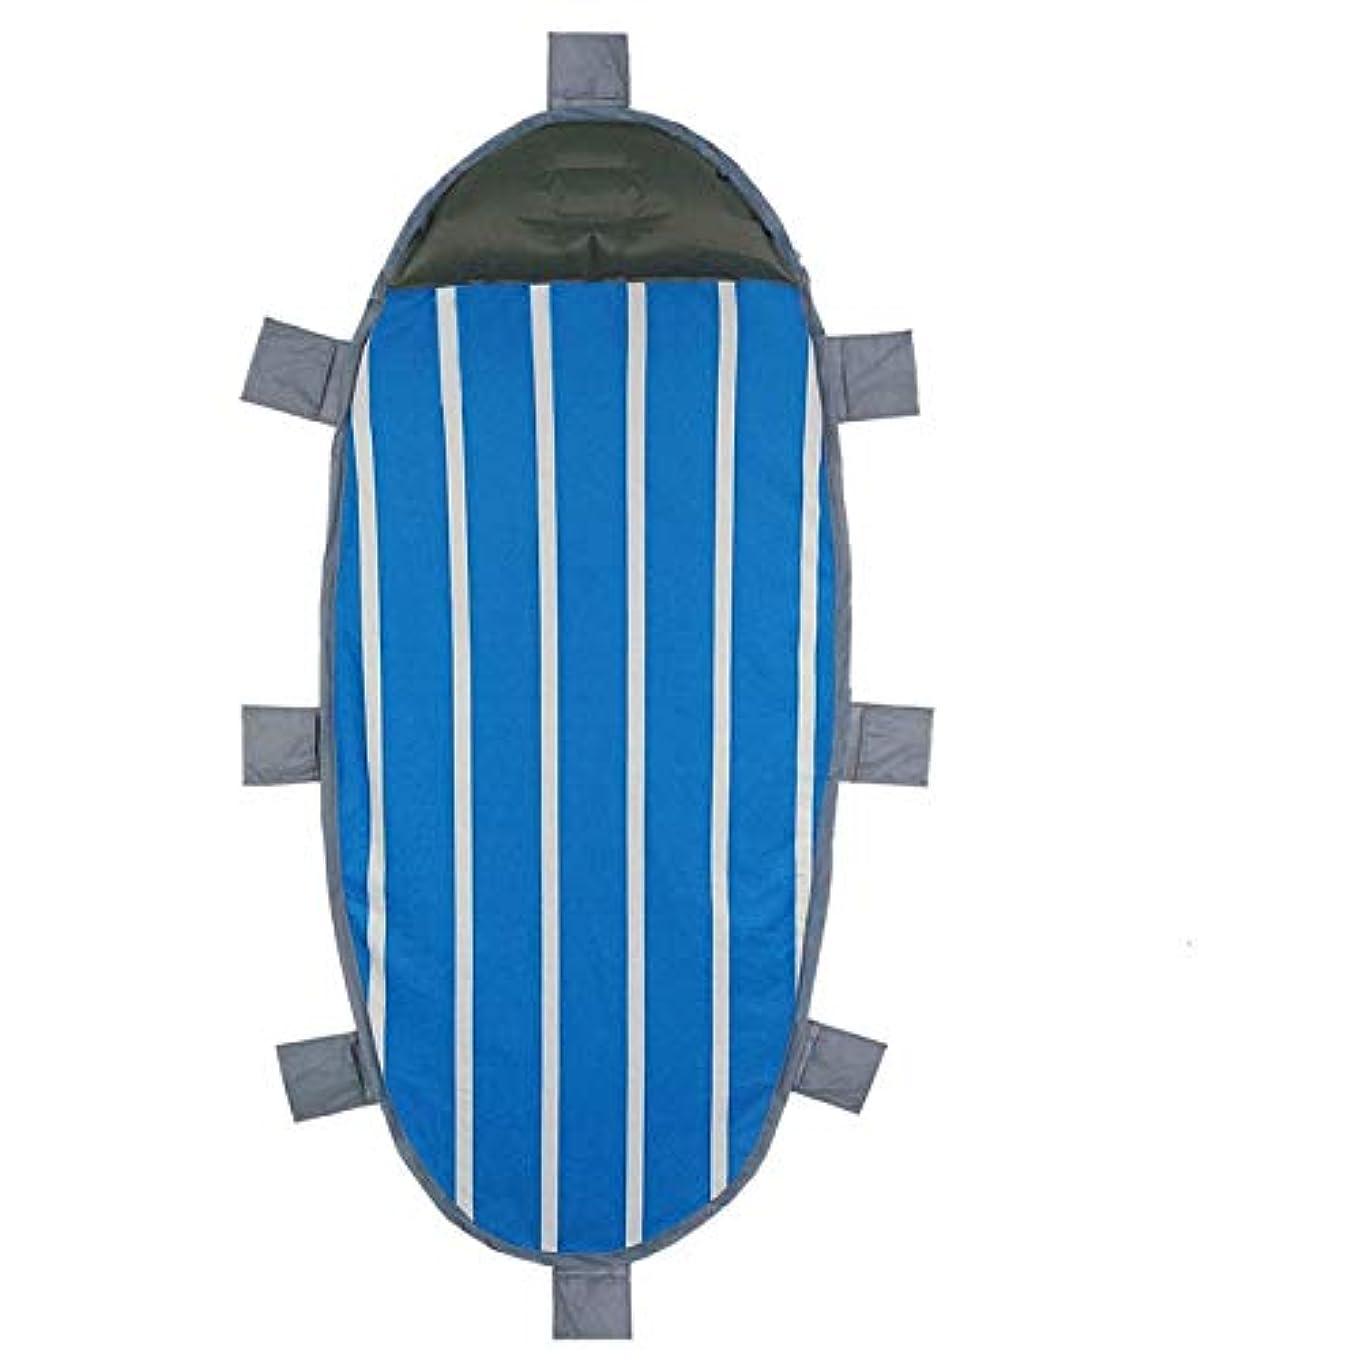 佐賀通信網ピアニスト1ピース屋外インフレータブルピロービーチマット怠惰なビーチマットレス折りたたみ防水芝生キャンプマット用日光浴ハイキングキャンプ